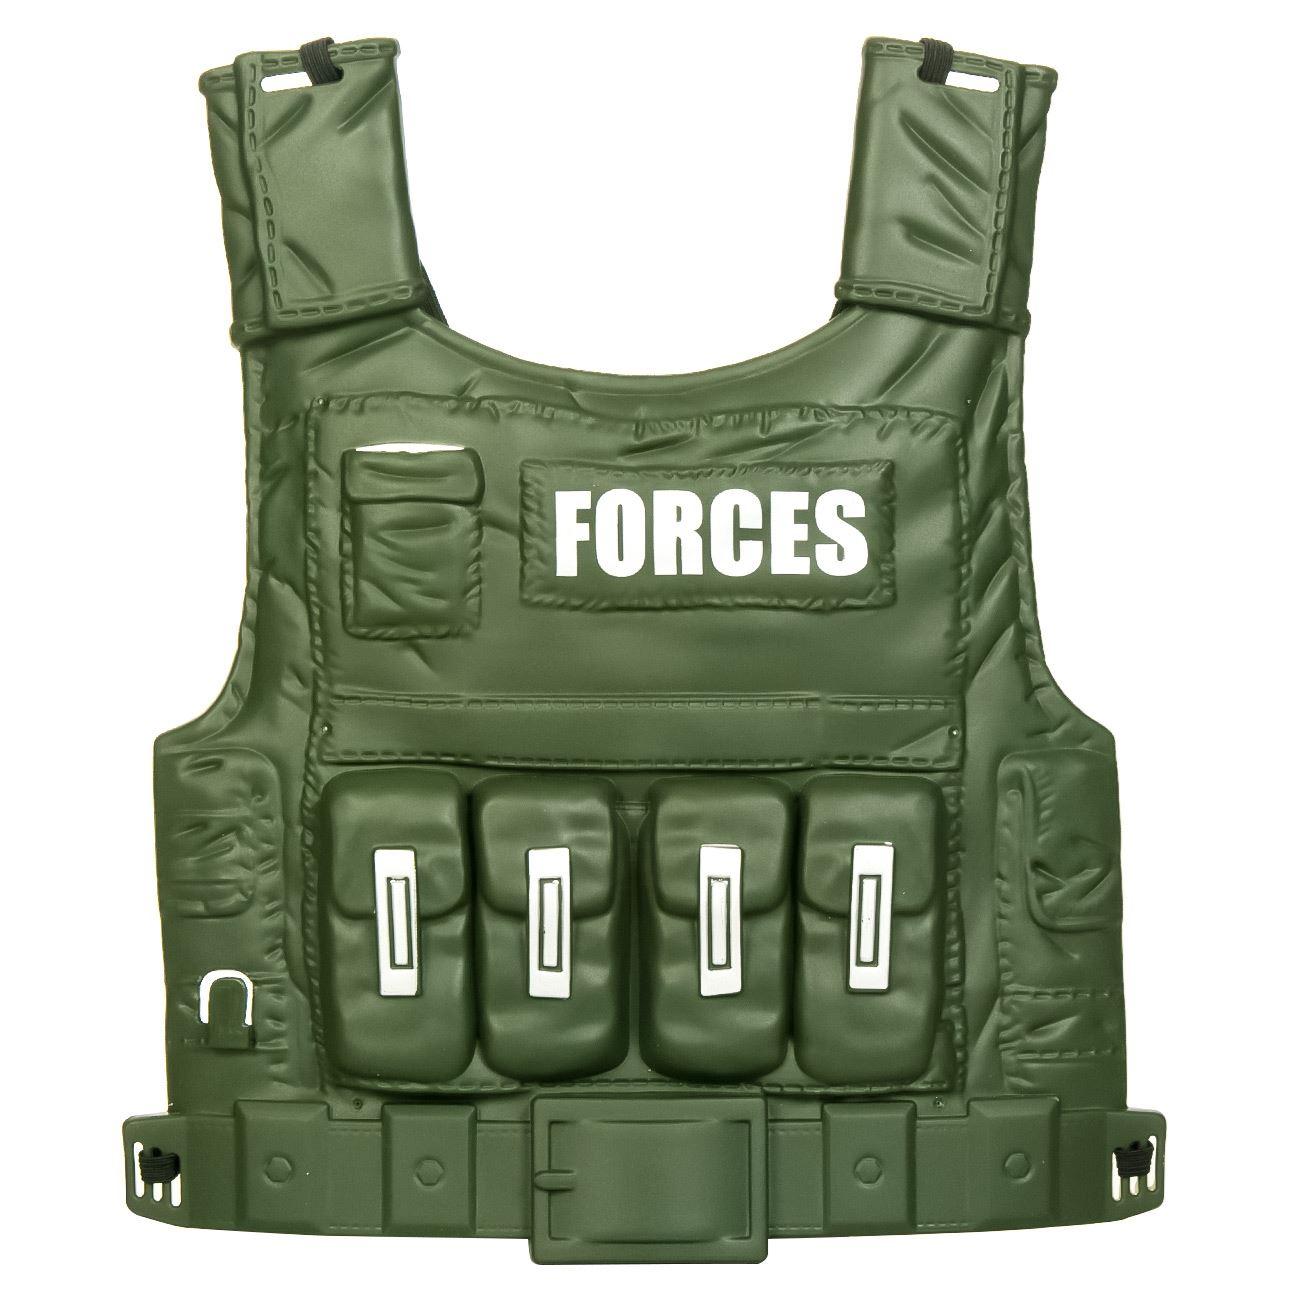 15fc2dda229d Γιλέκο Θώρακας Παιδικό Στρατιωτικό Αλεξίσφαιρο   Στρατιωτικά Αξεσουάρ